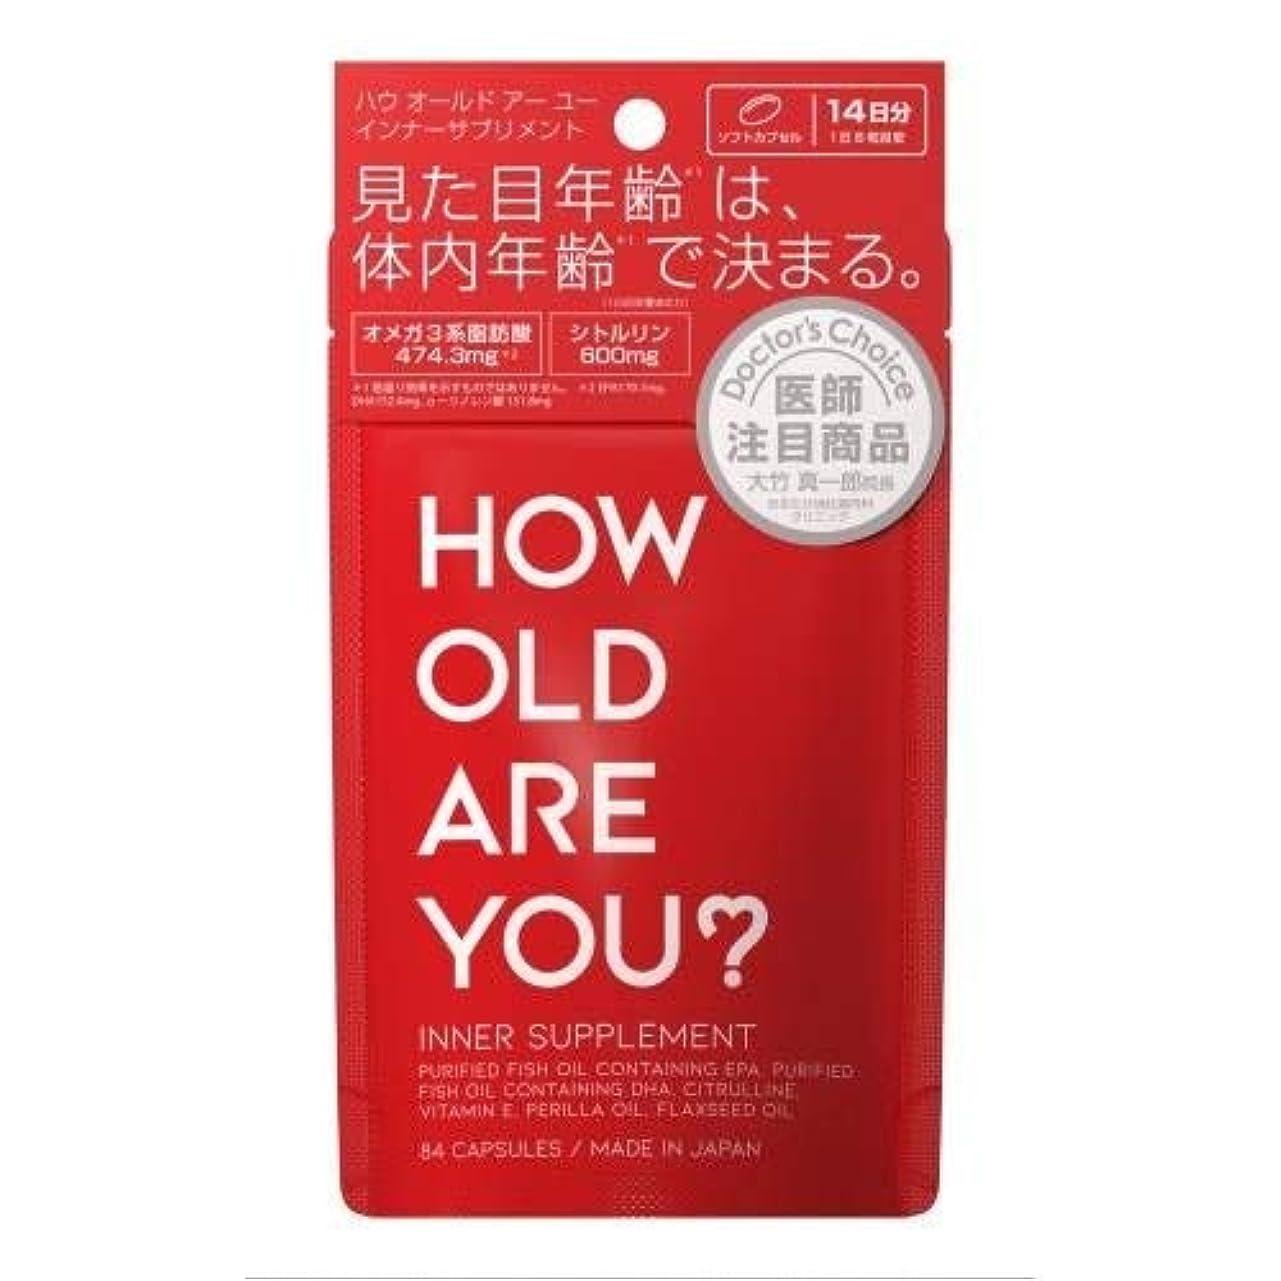 アコーバーベキュー【2個セット】HOW OLD ARE YOU?インナーサプリメント 84粒